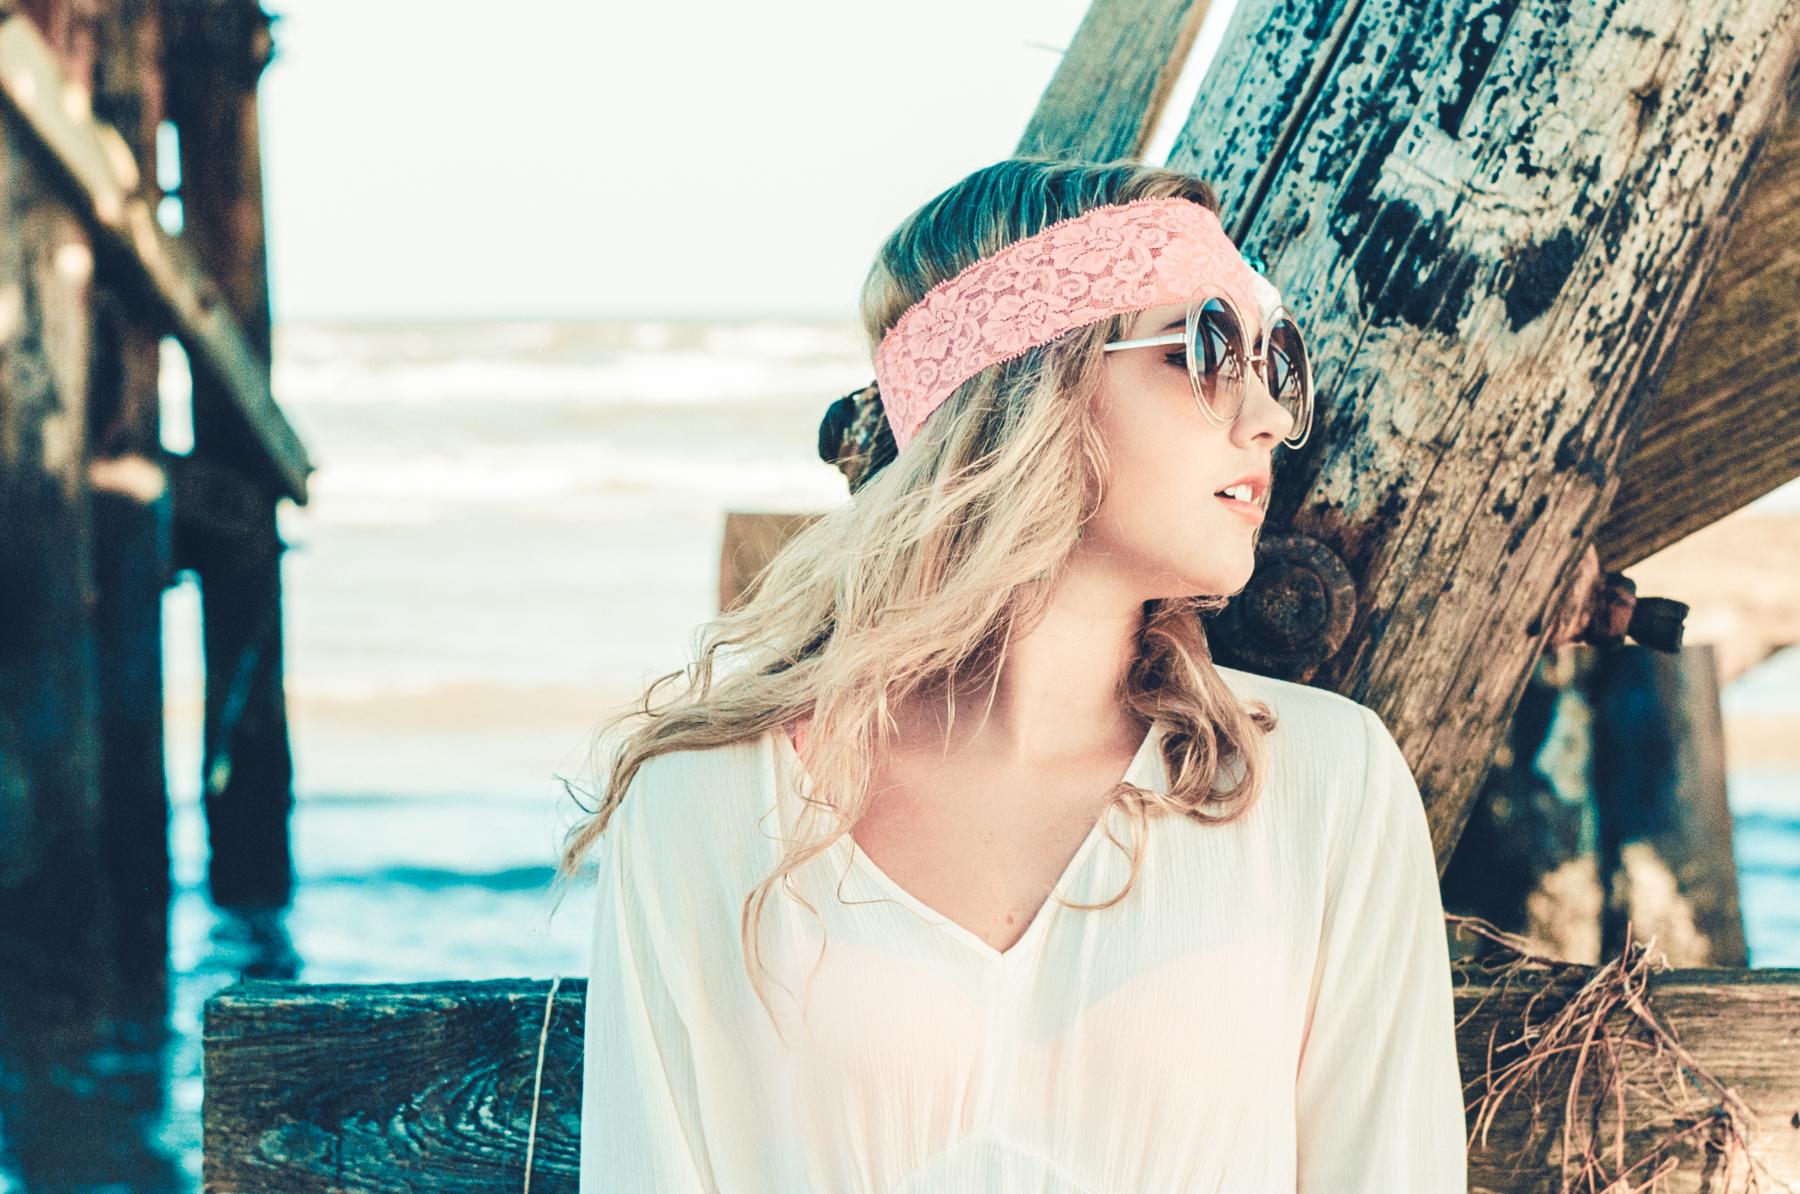 Beach Fashion Sheridan | Bessa R3A w/ Elmar 9cm | Ektar 100 | Achim Burgardt